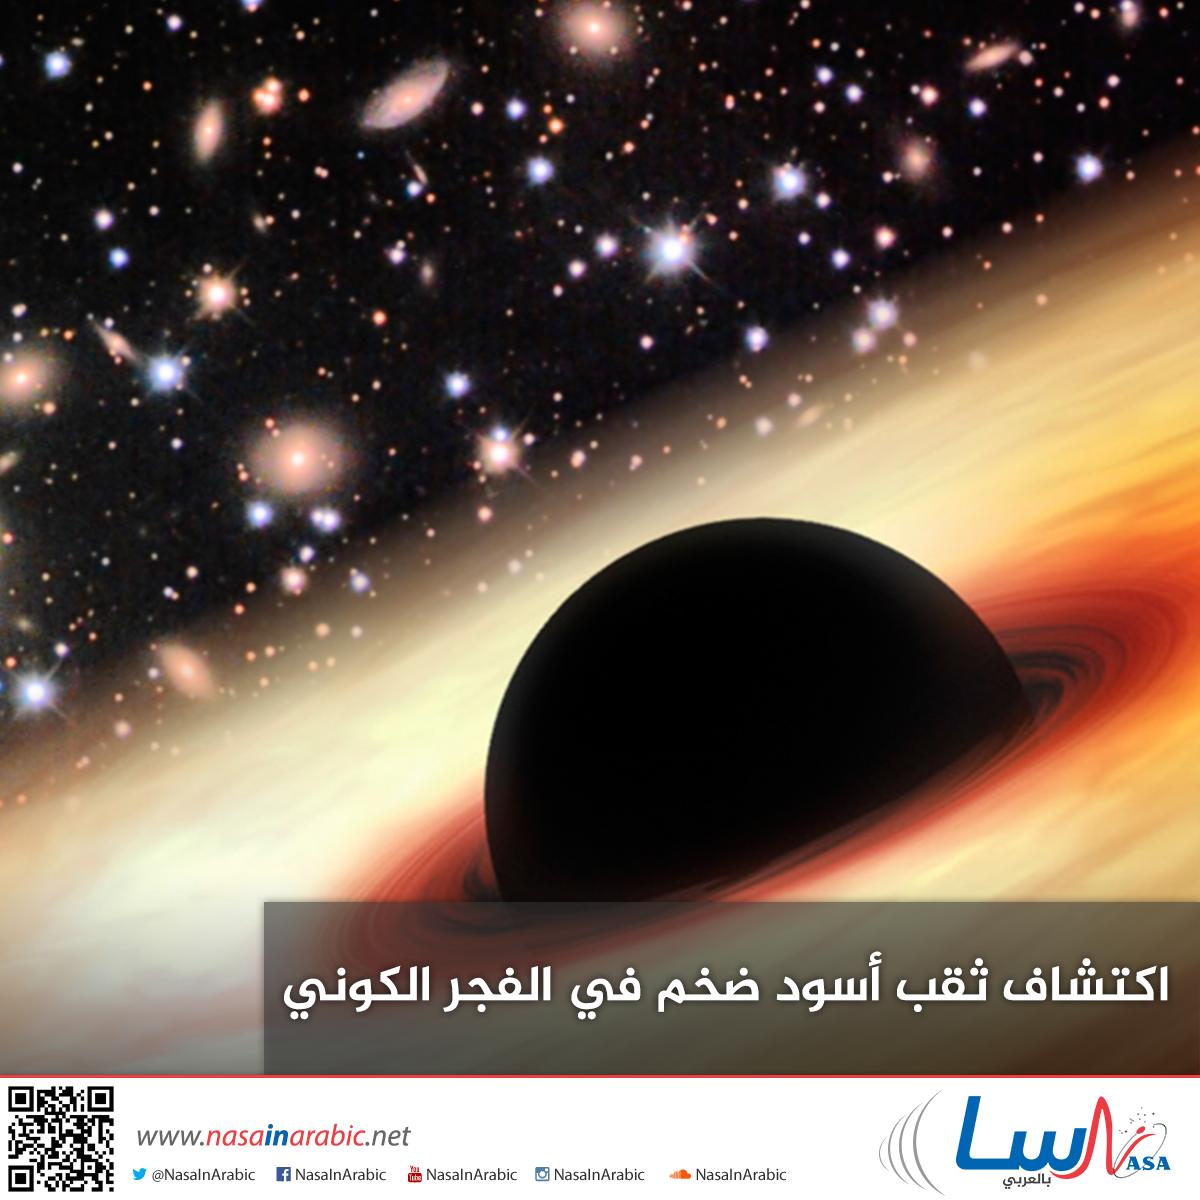 اكتشاف ثقب أسود ضخم في الفجر الكوني